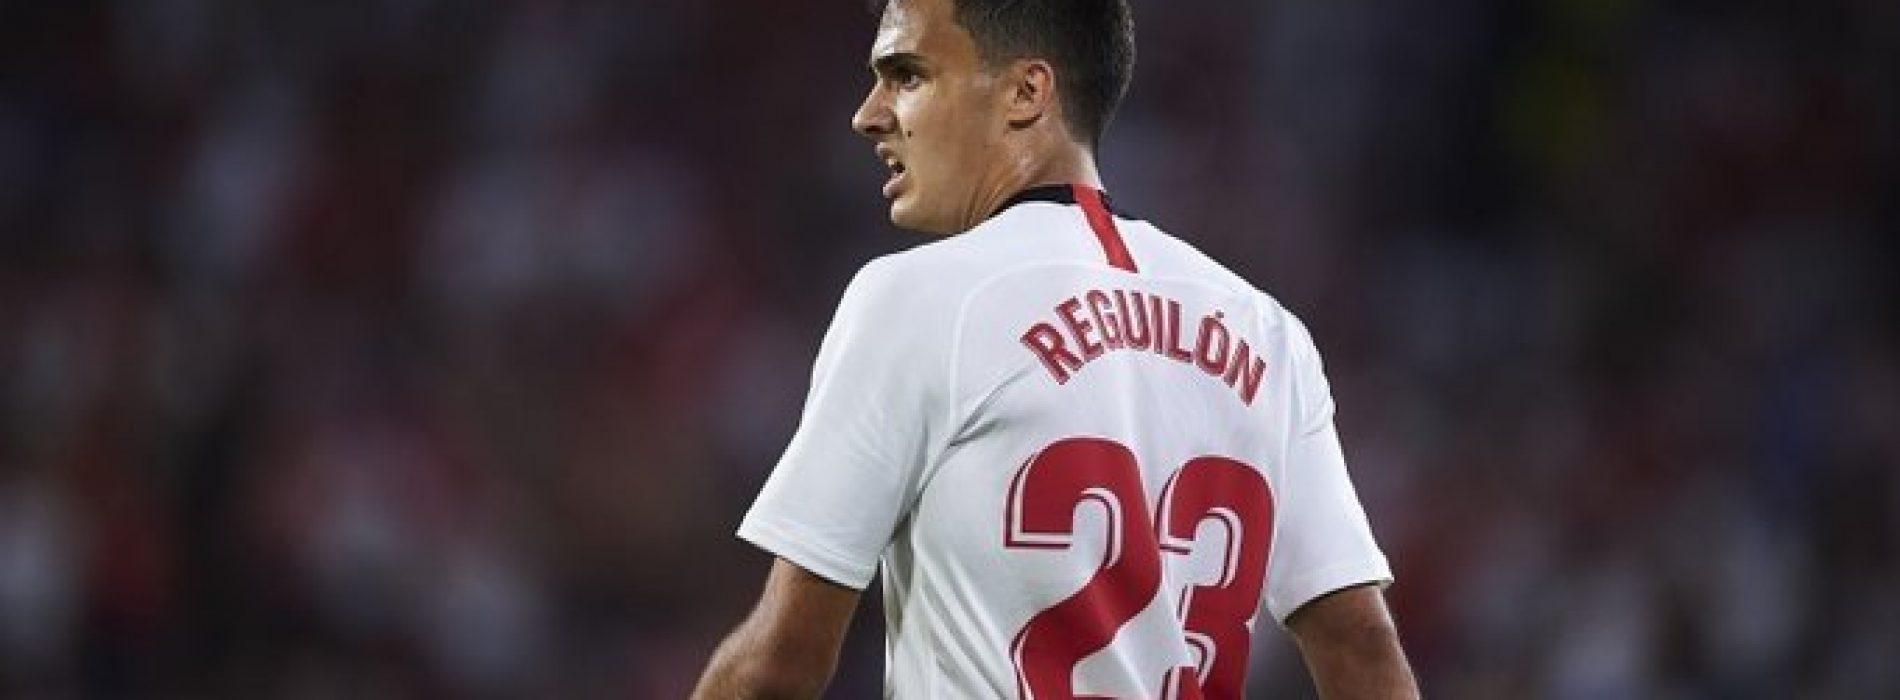 Reguilon Manchester United, dalla Spagna: fatta con i red devils